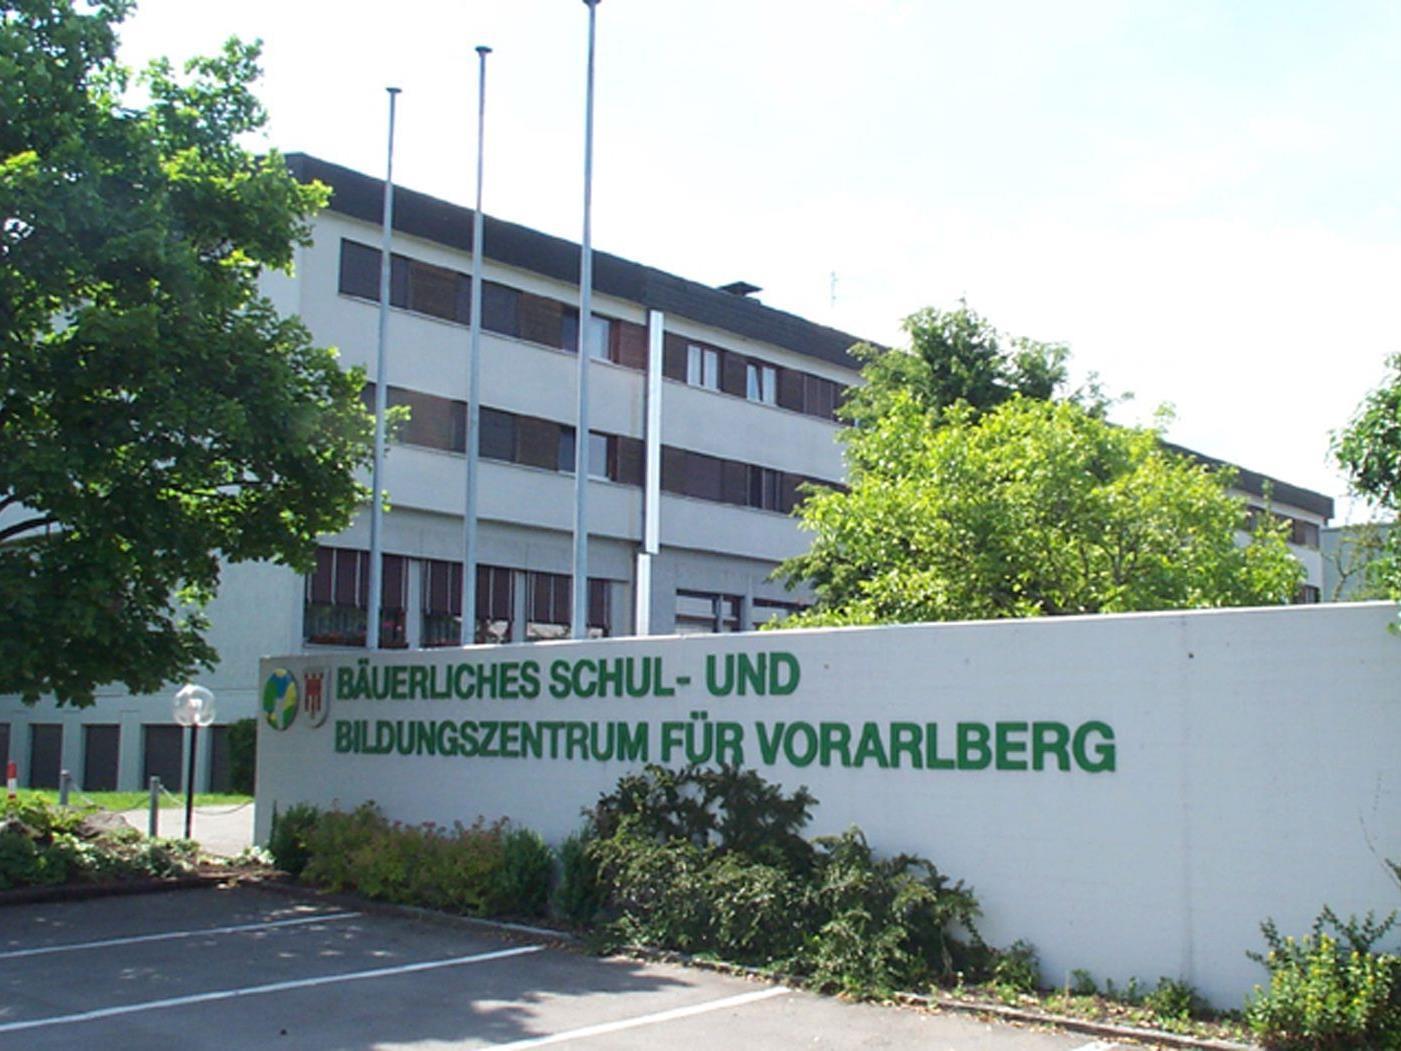 Das Bäuerliche Schul- und Bildungszentrum informiert über sein Bildungsangebot.